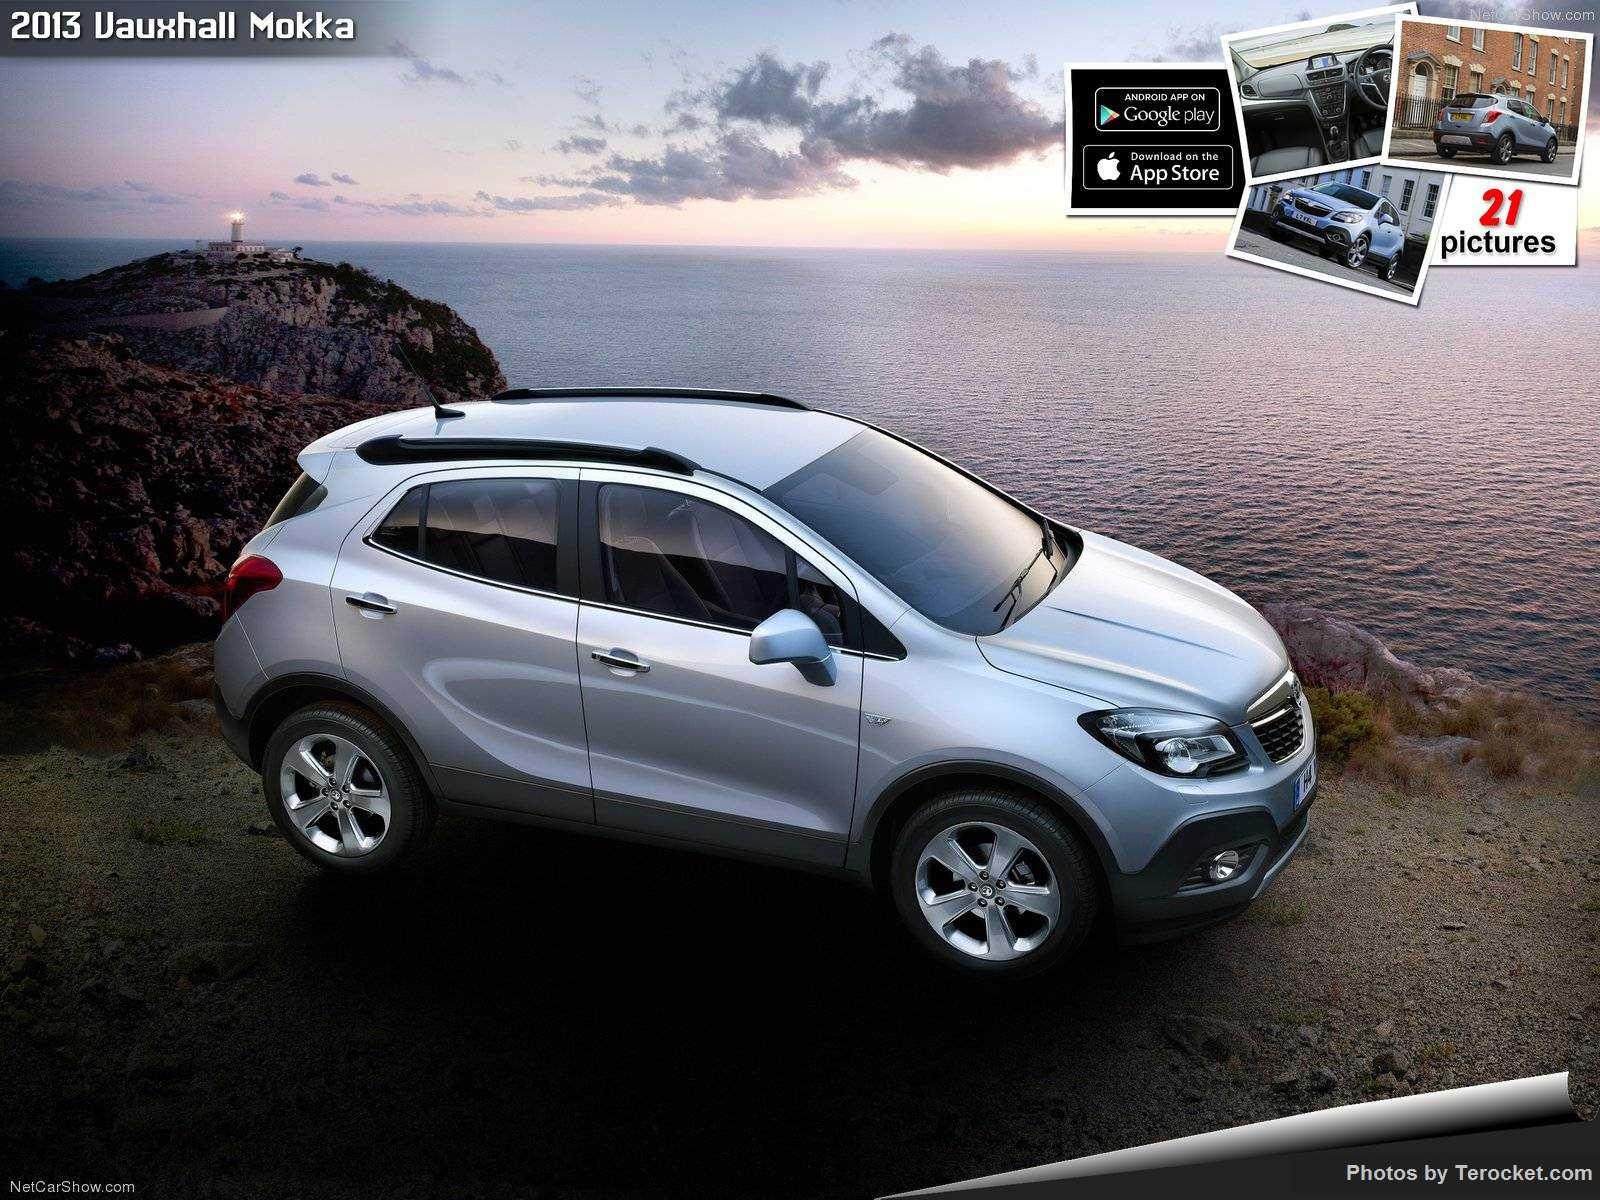 Hình ảnh xe ô tô Vauxhall Mokka 2013 & nội ngoại thất